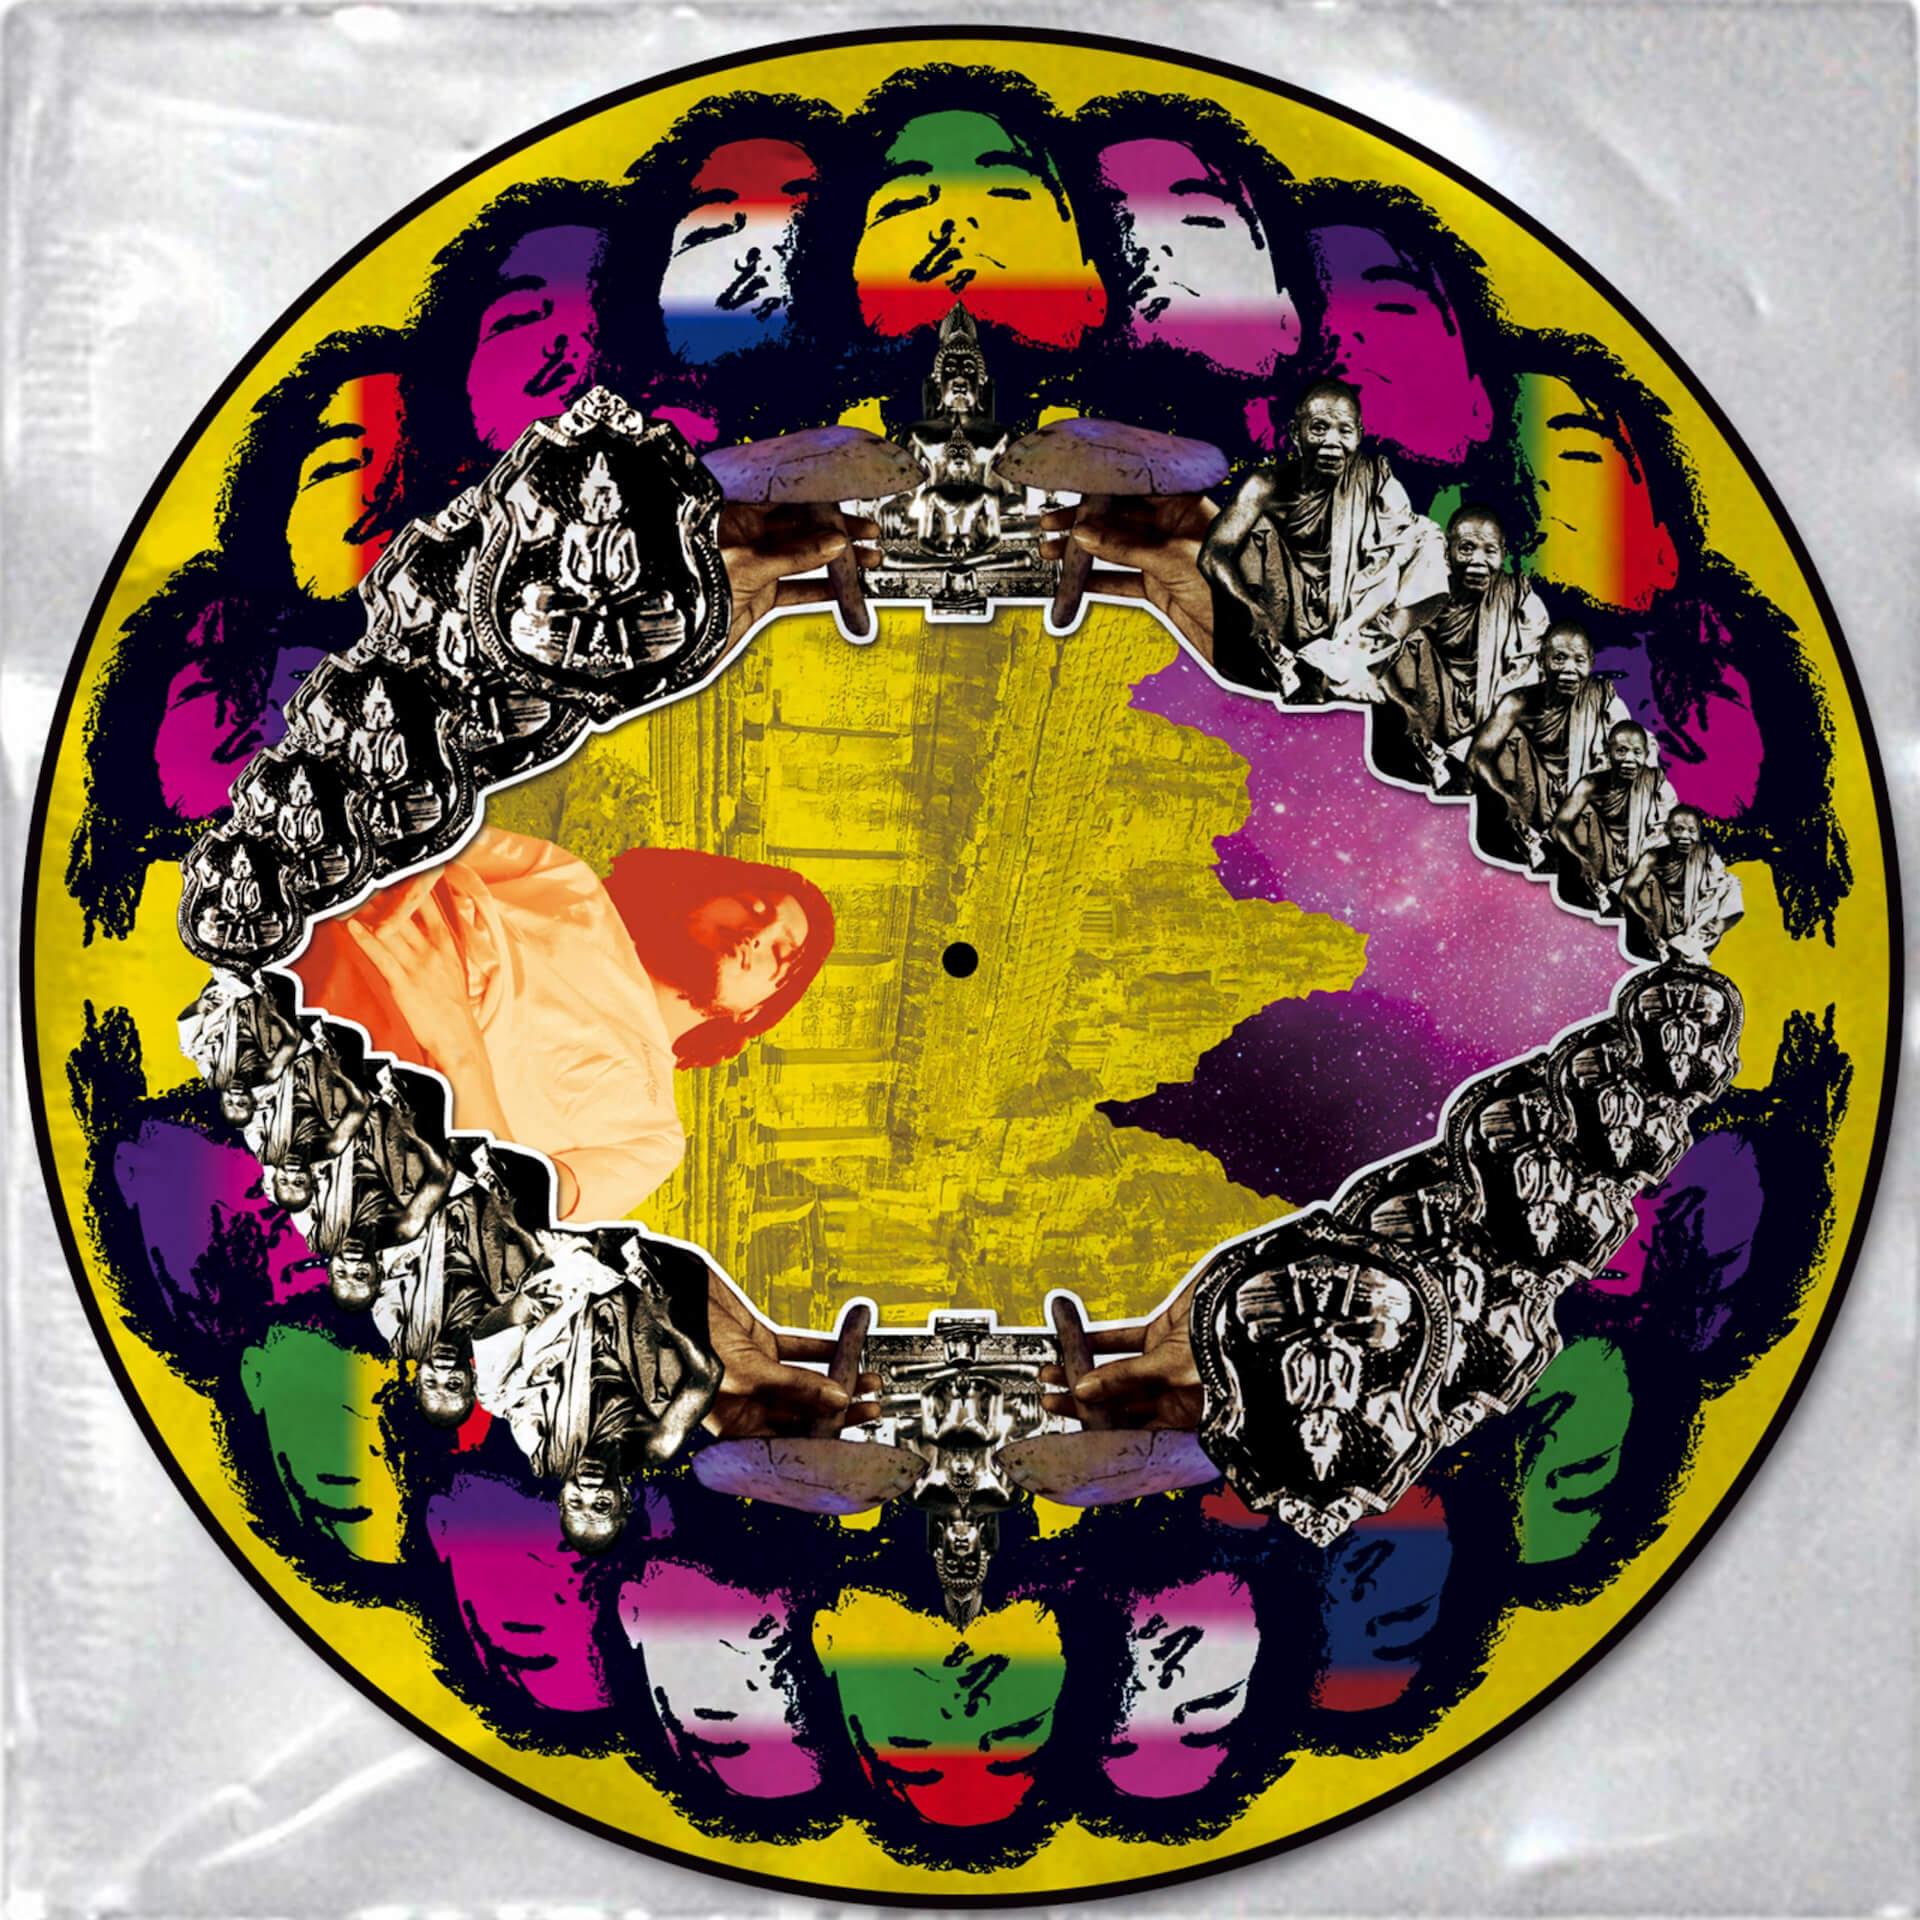 """即完売したDUSTY HUSKYの3rdアルバム『股旅』が配信リリース決定!MILES WORDとの楽曲""""Gub to Kub""""のMVも公開 music210126_dustyhusky_1"""